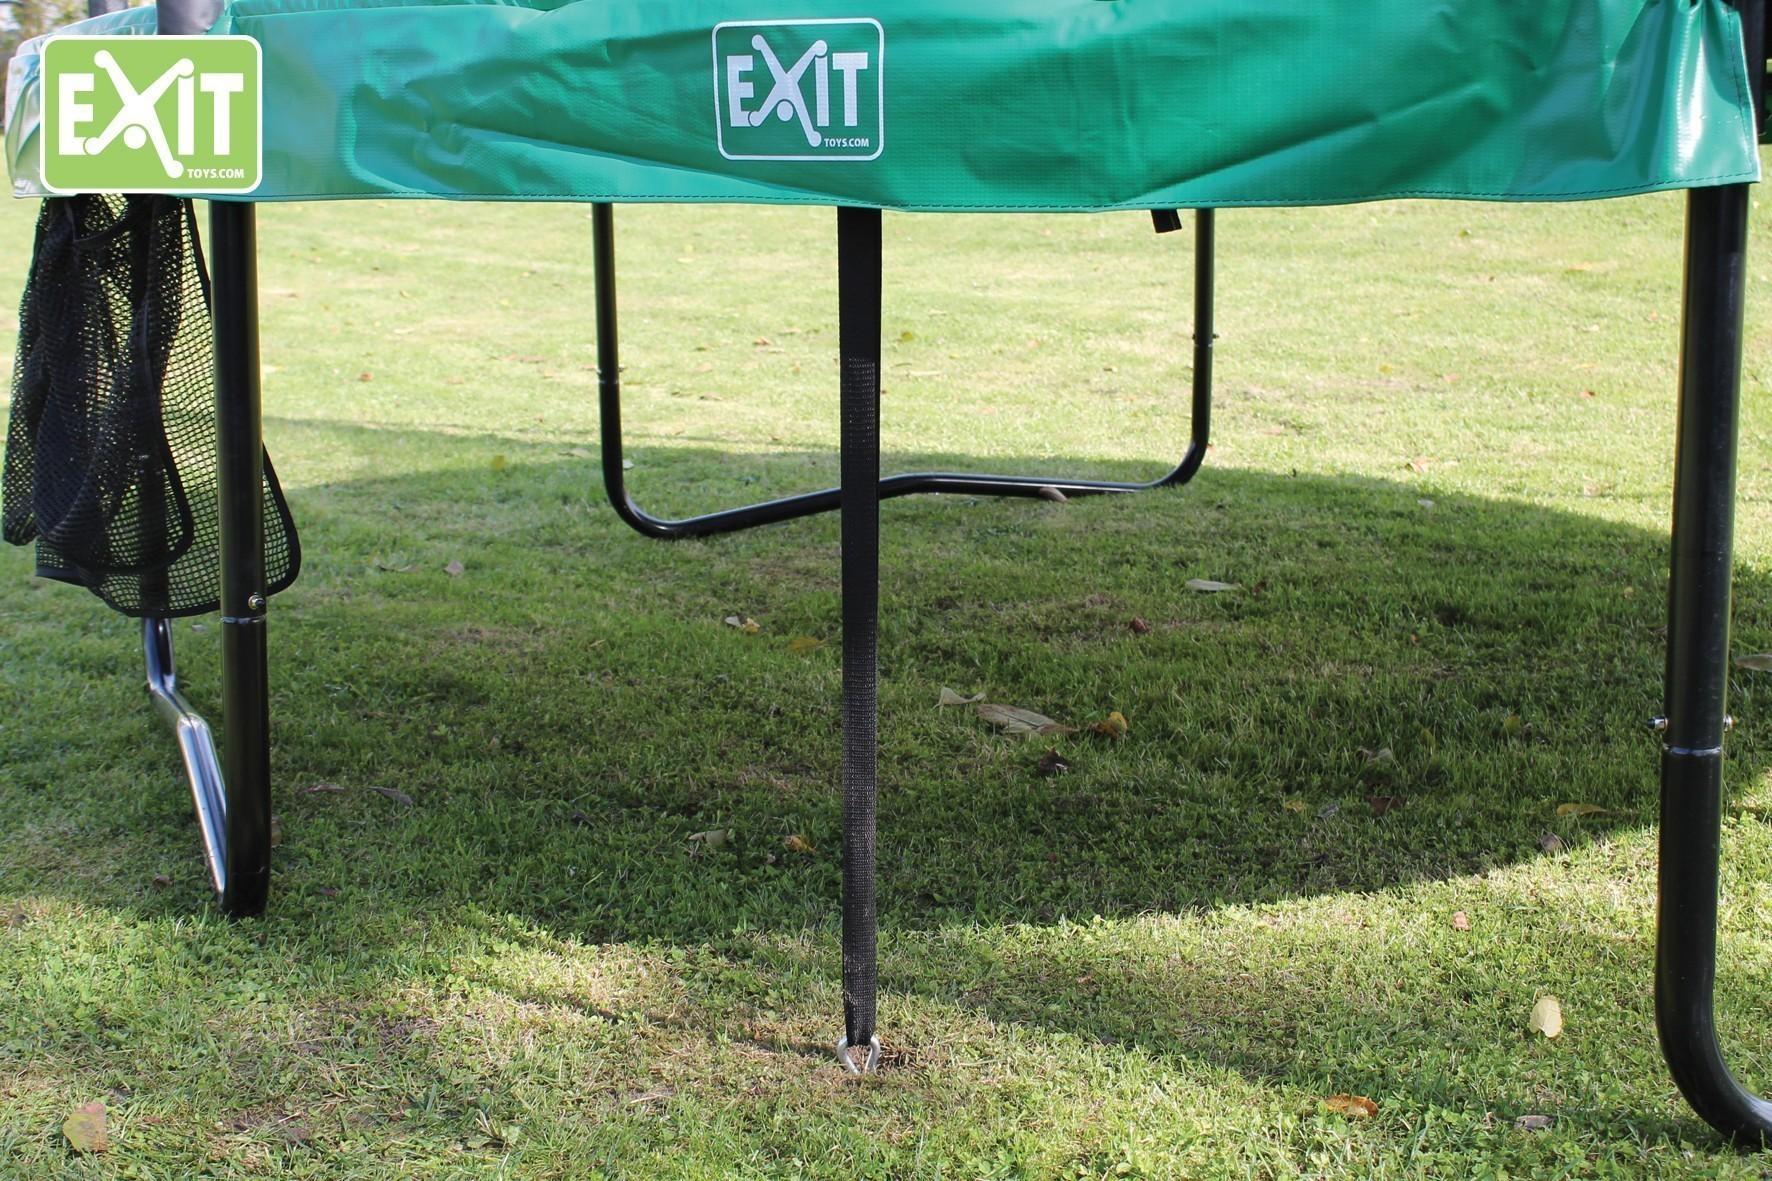 Verankerung Set für Trampolin EXIT Bild 2